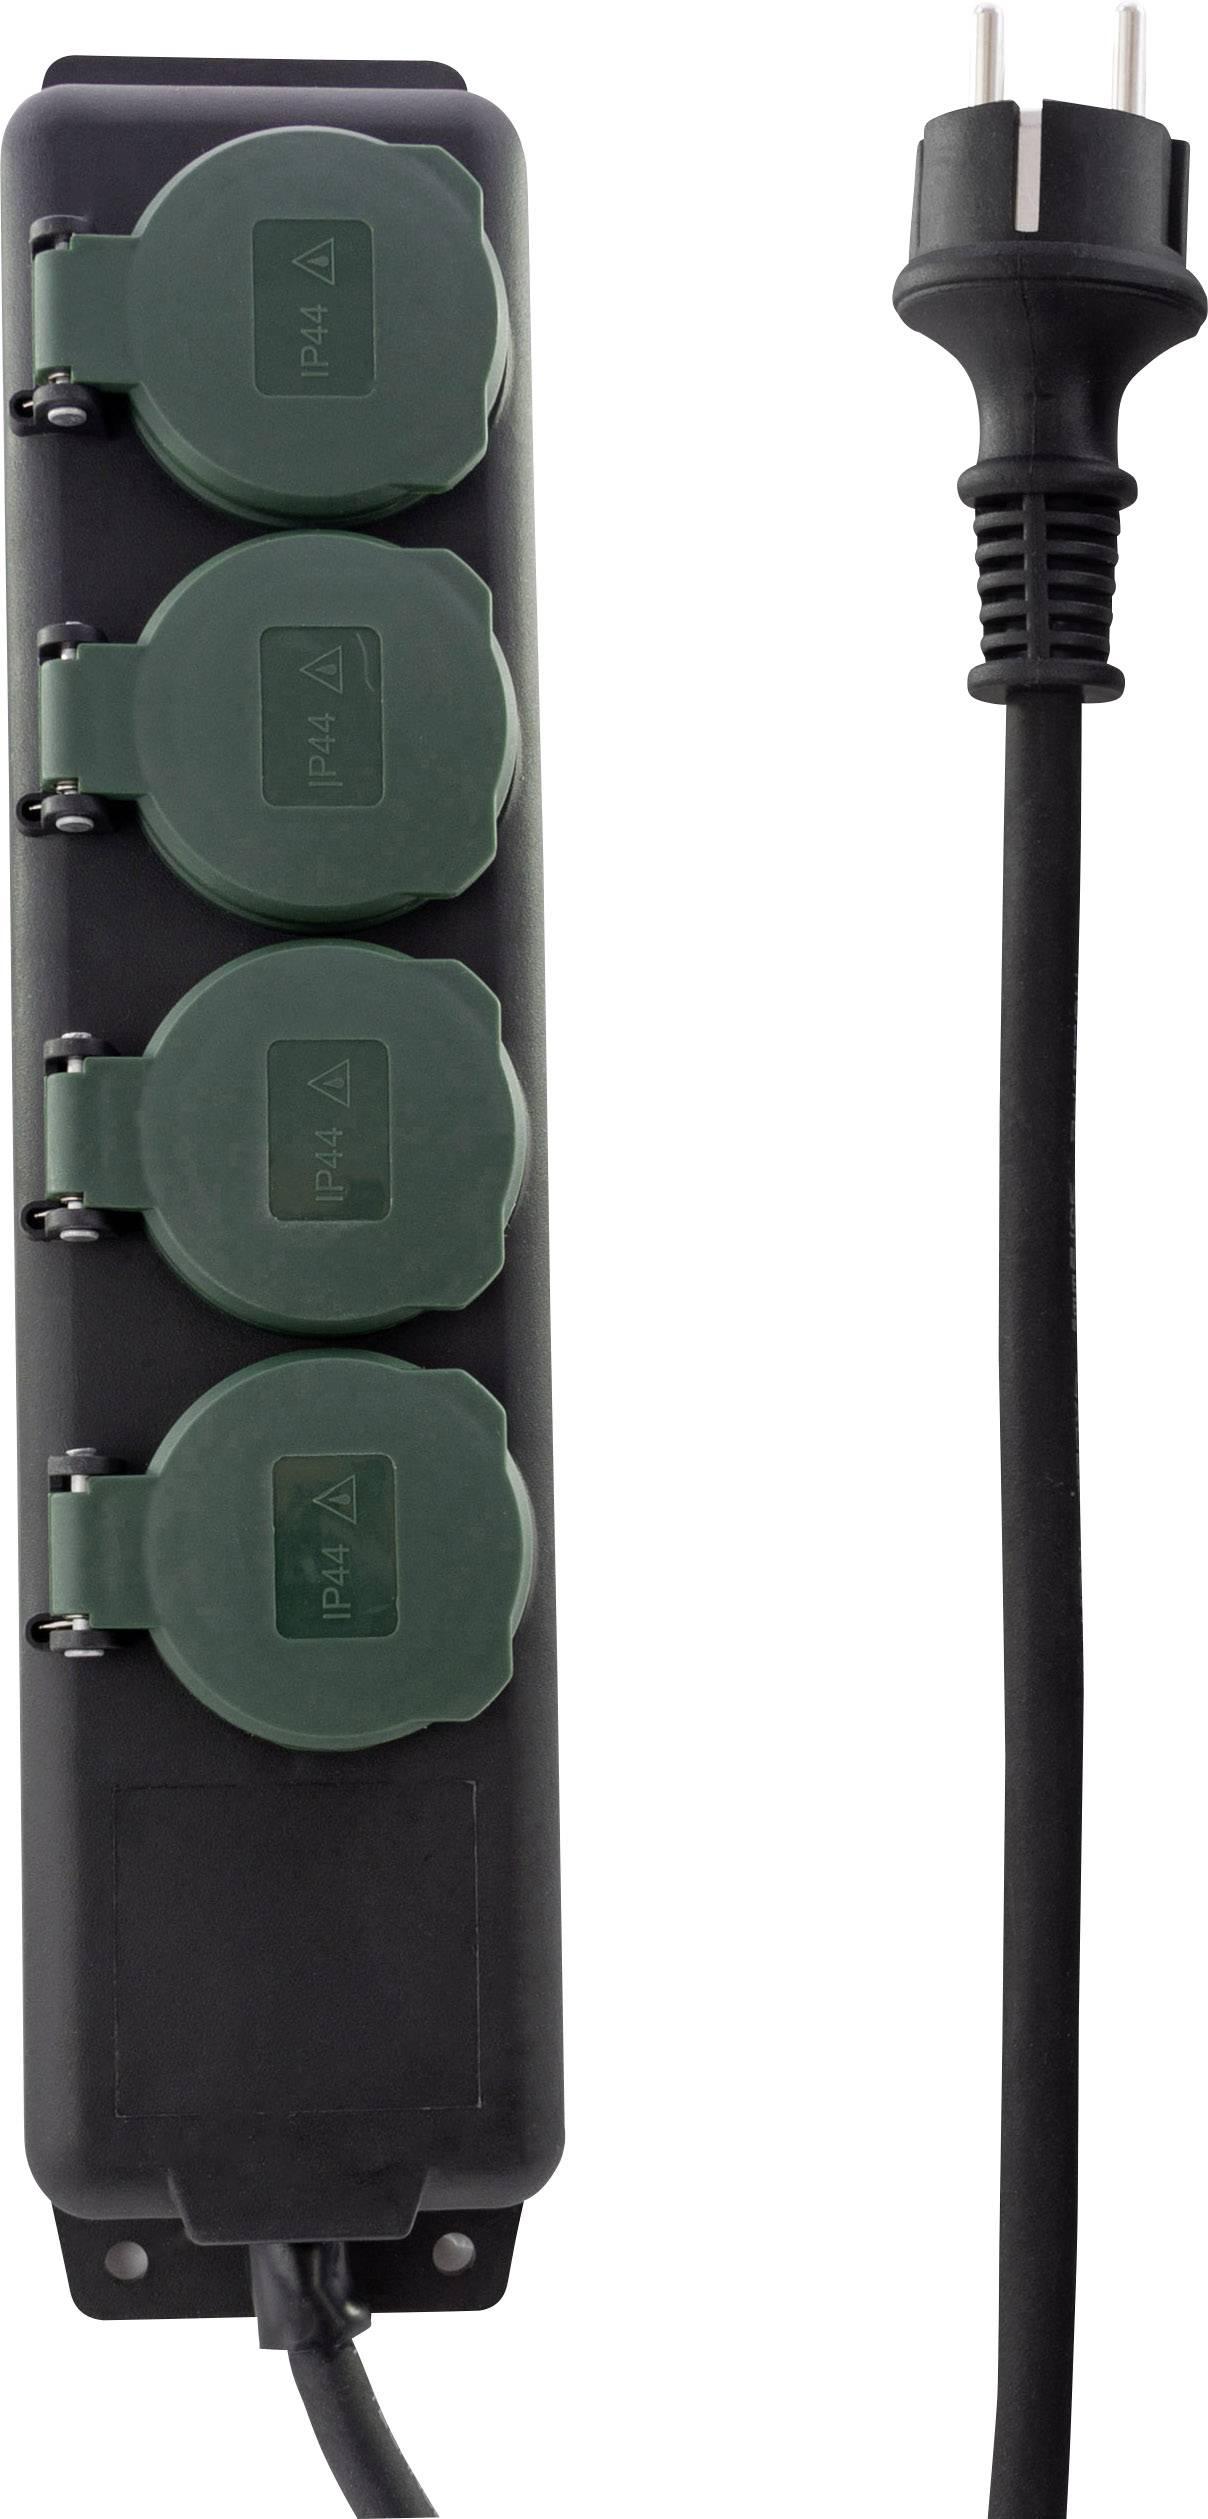 4 fach anschraubbar Steckdosenleiste IP44 3 x 1,5²mm 1,5 m schwarz//gelb